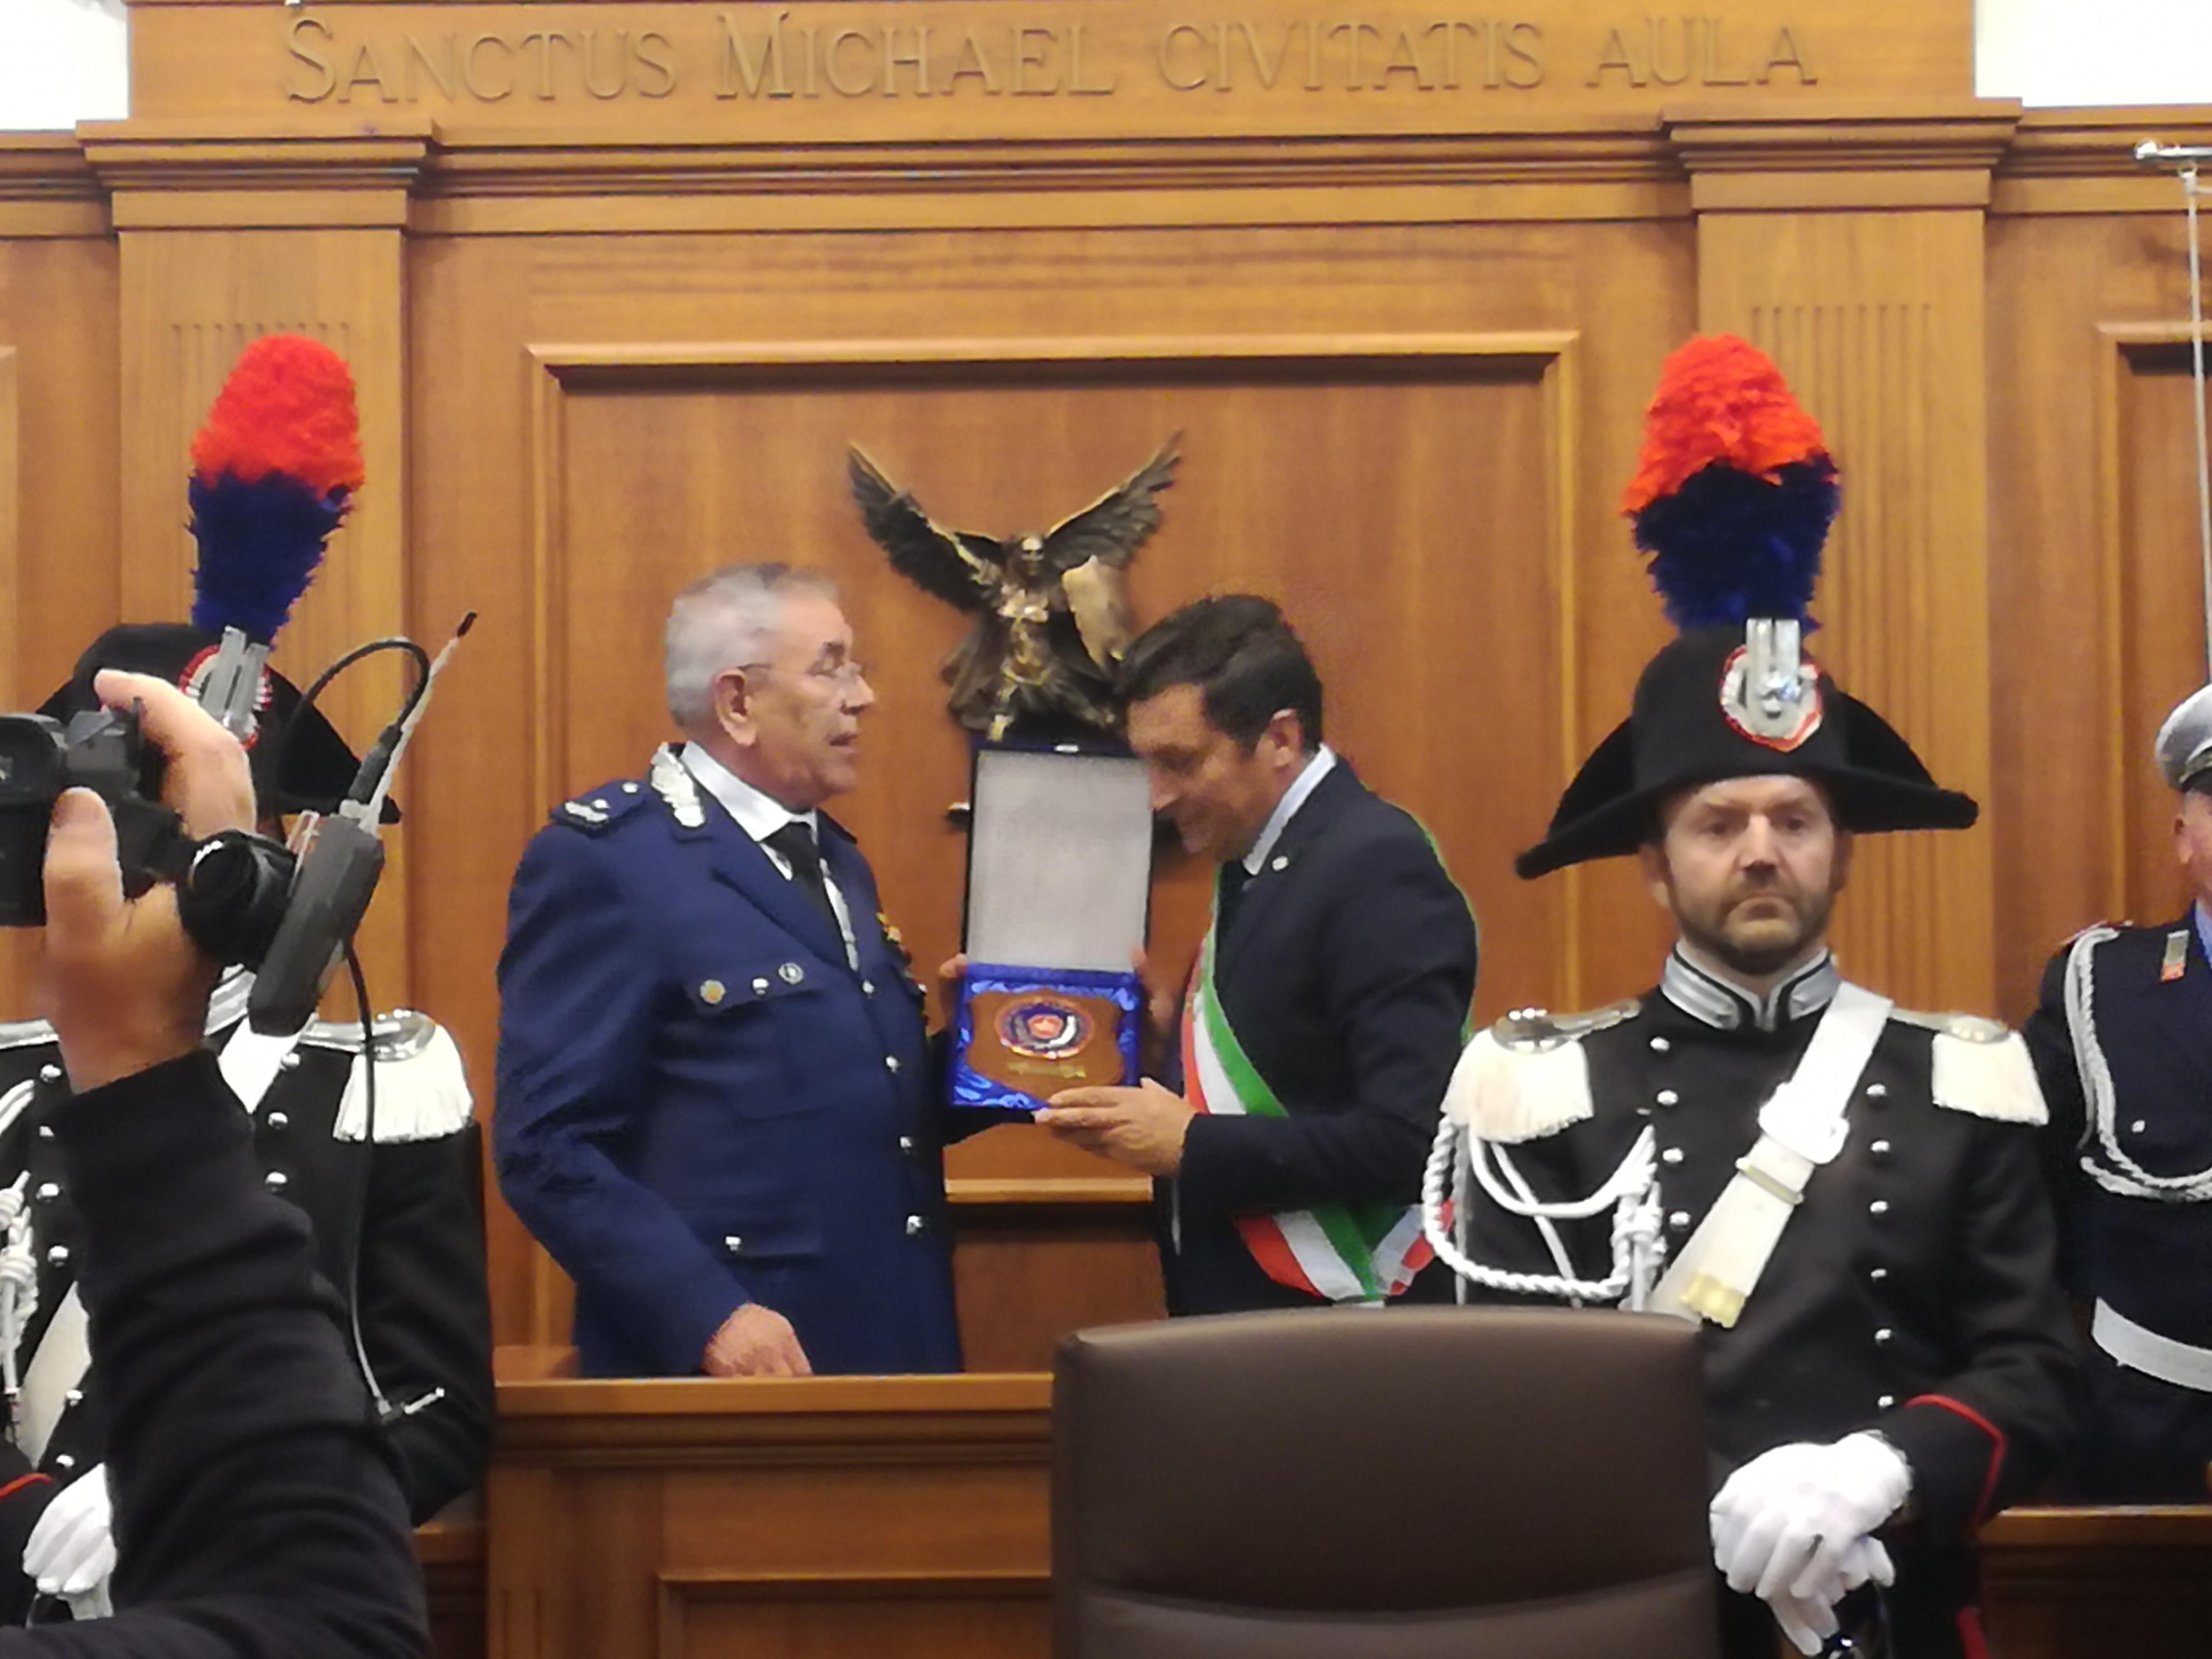 Castiglion Fiorentino: intitolata la Sala del Consiglio a San Michele